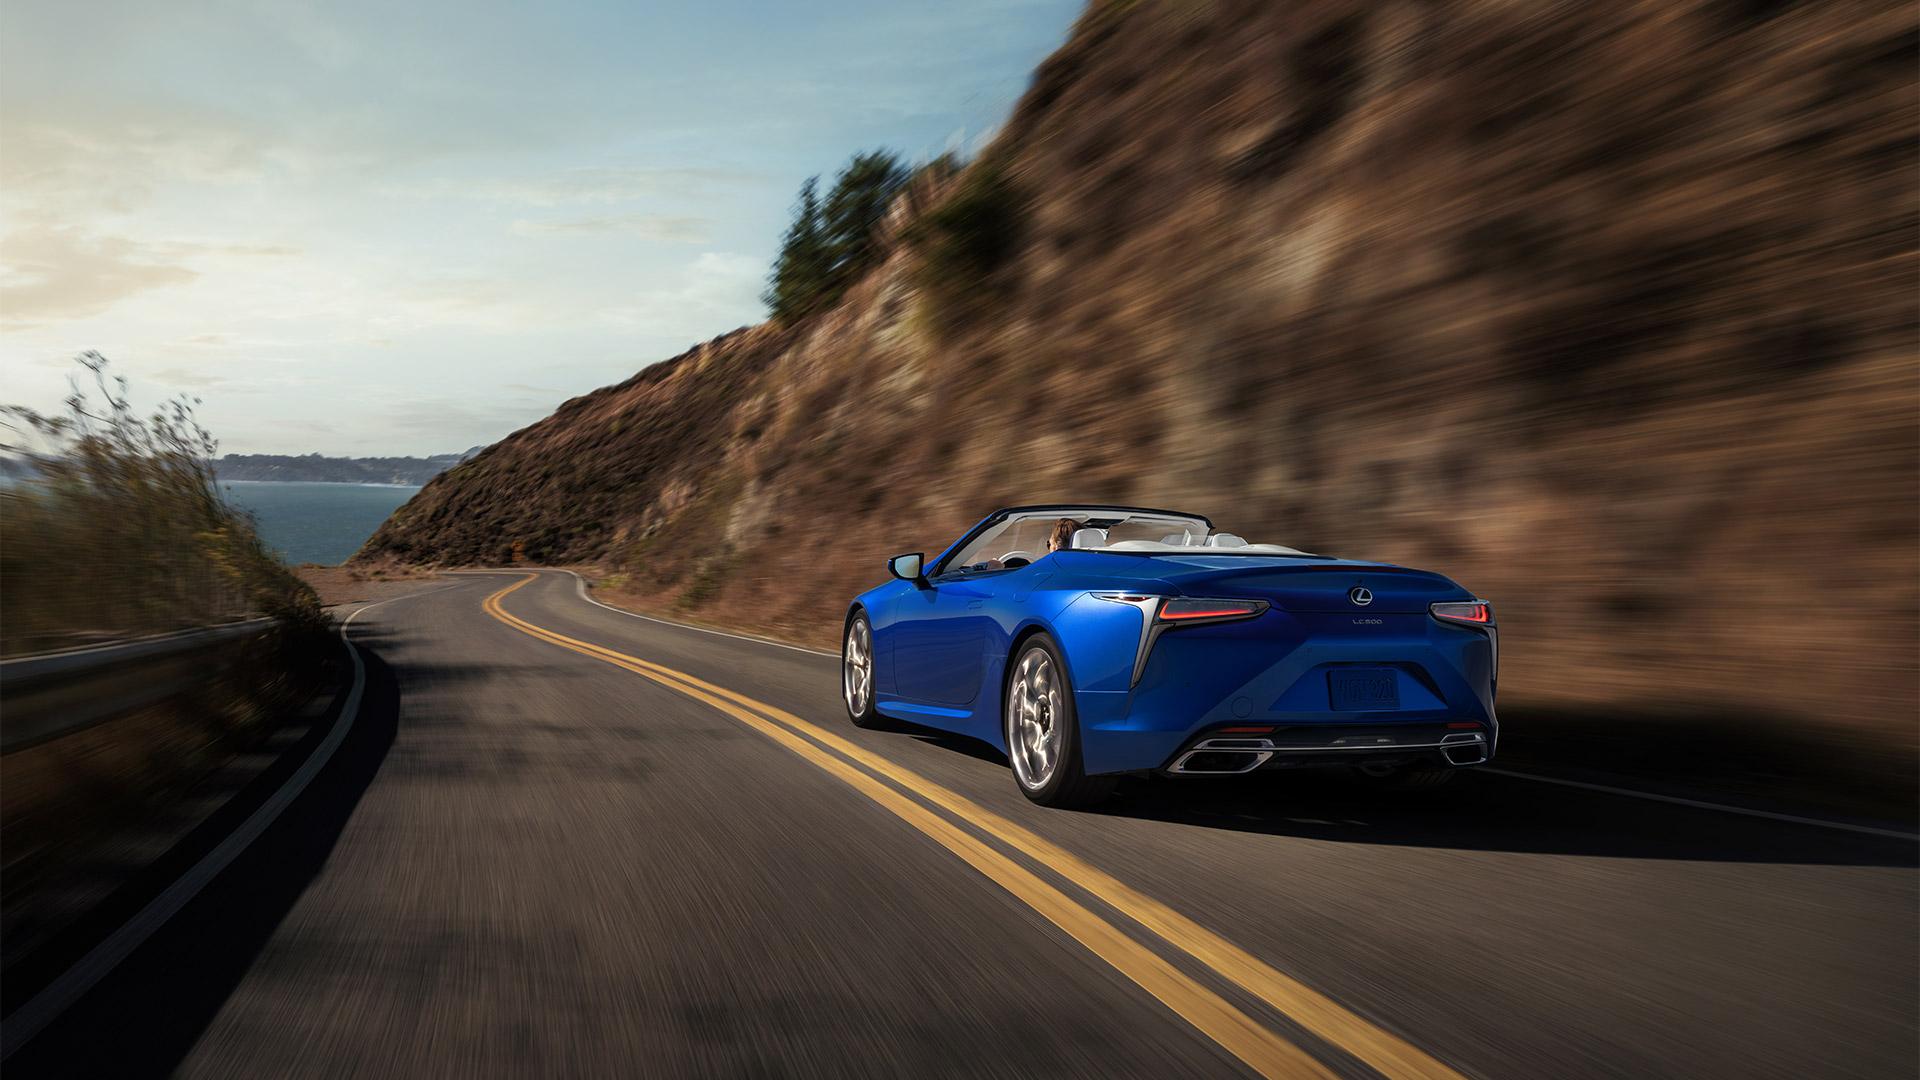 13 2019 027 nieuwe Lexus LC 500 Convertible 1920x1080 galerij